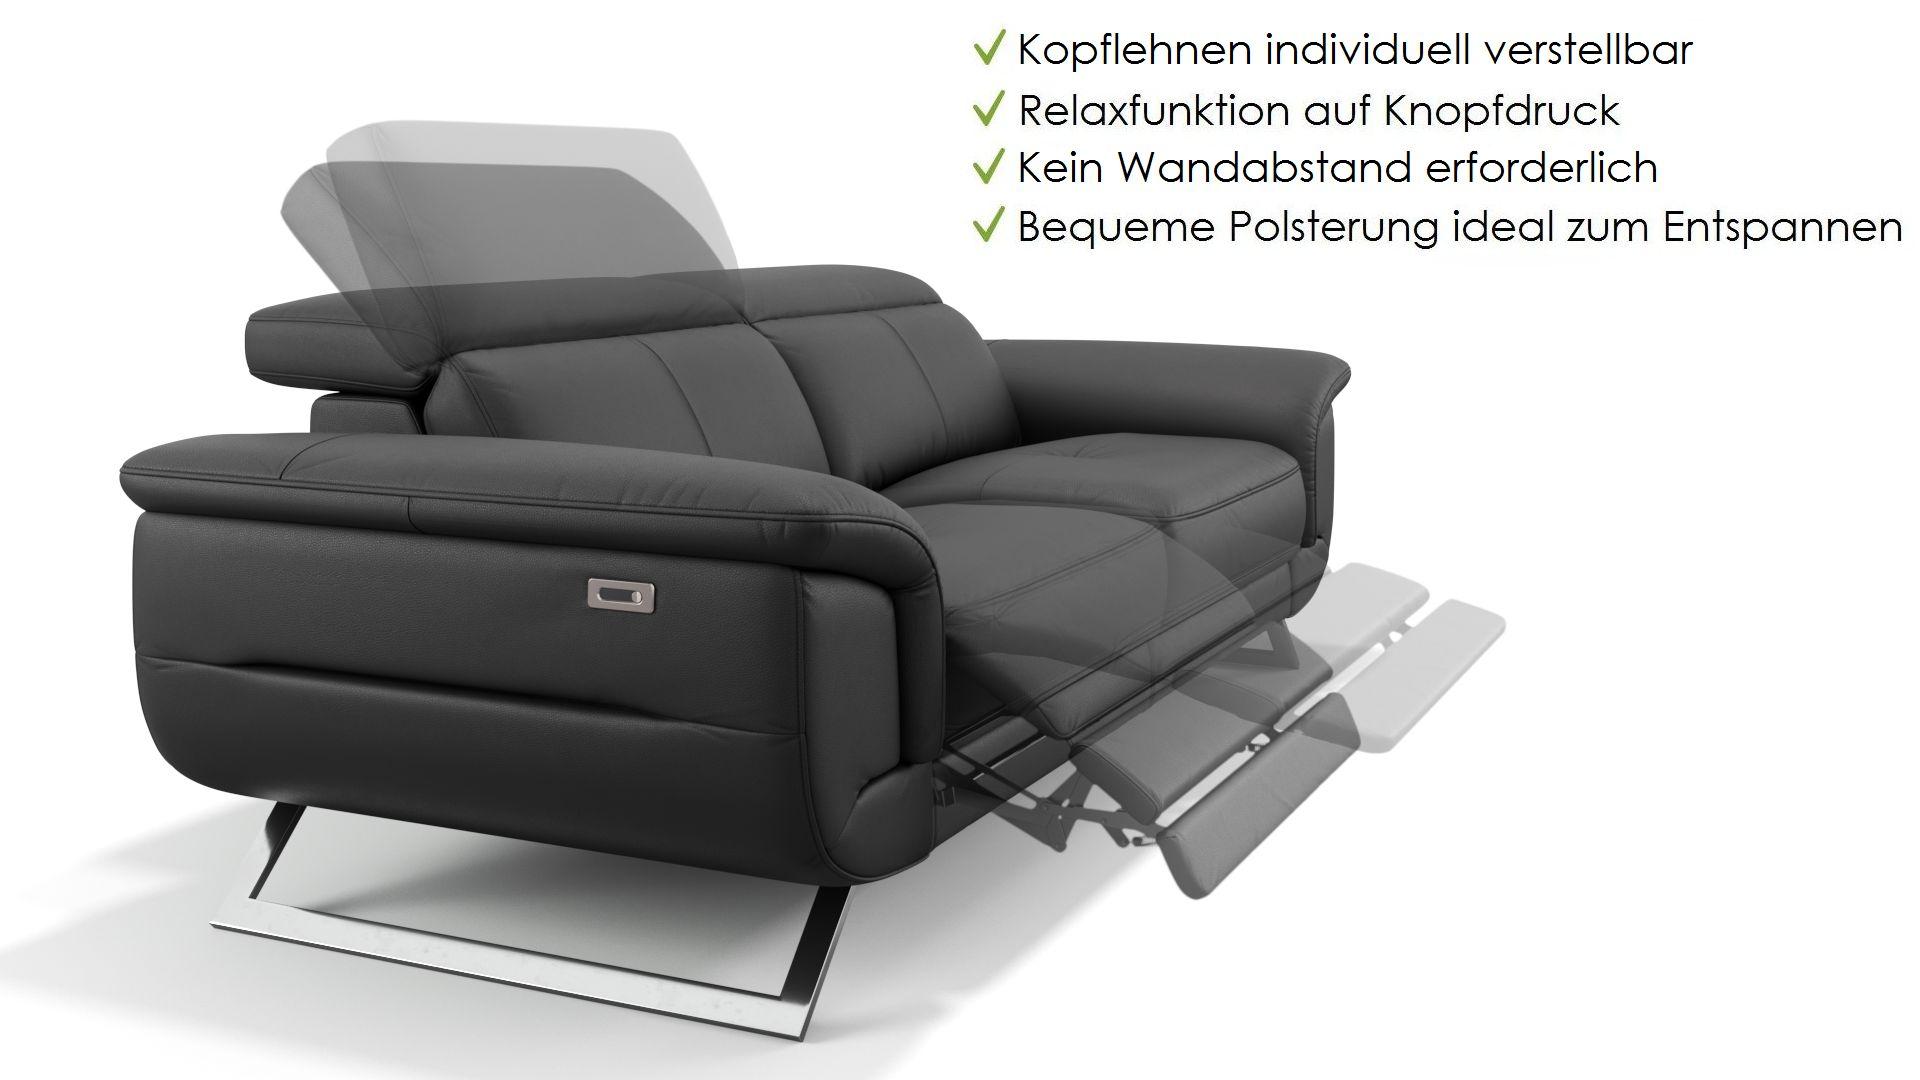 Full Size of Sofa Mit Relaxfunktion Elektrisch Designer Leder Couch Einstellbar Sofanella Zweisitzer Groß Mega Singleküche E Geräten Leinen Schlafzimmer Set Matratze Und Sofa Sofa Mit Relaxfunktion Elektrisch